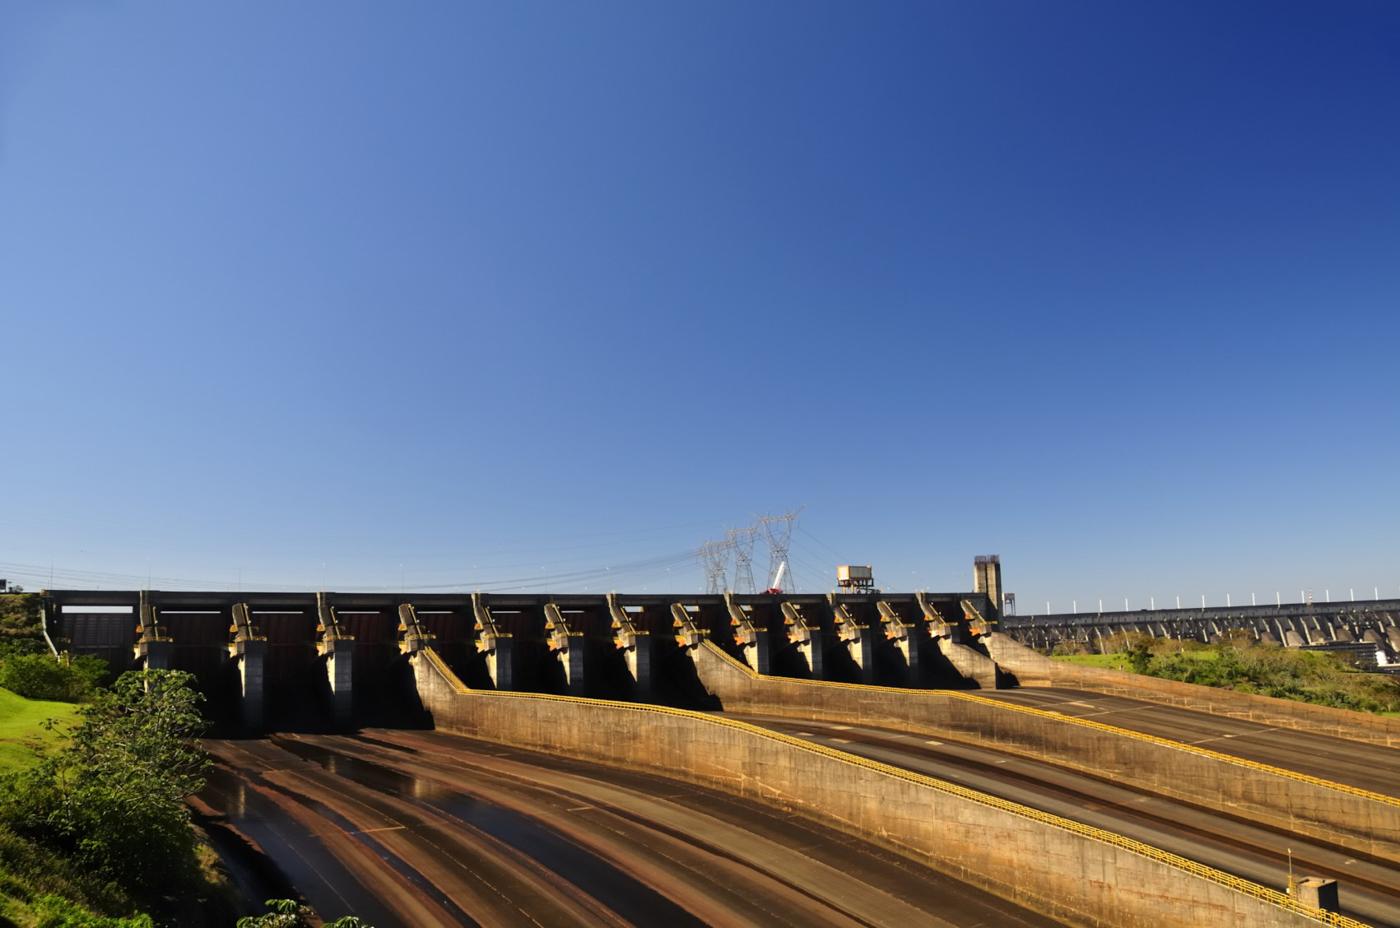 bra14-visit-the-itaipu-dam-free-istock-000014954220large